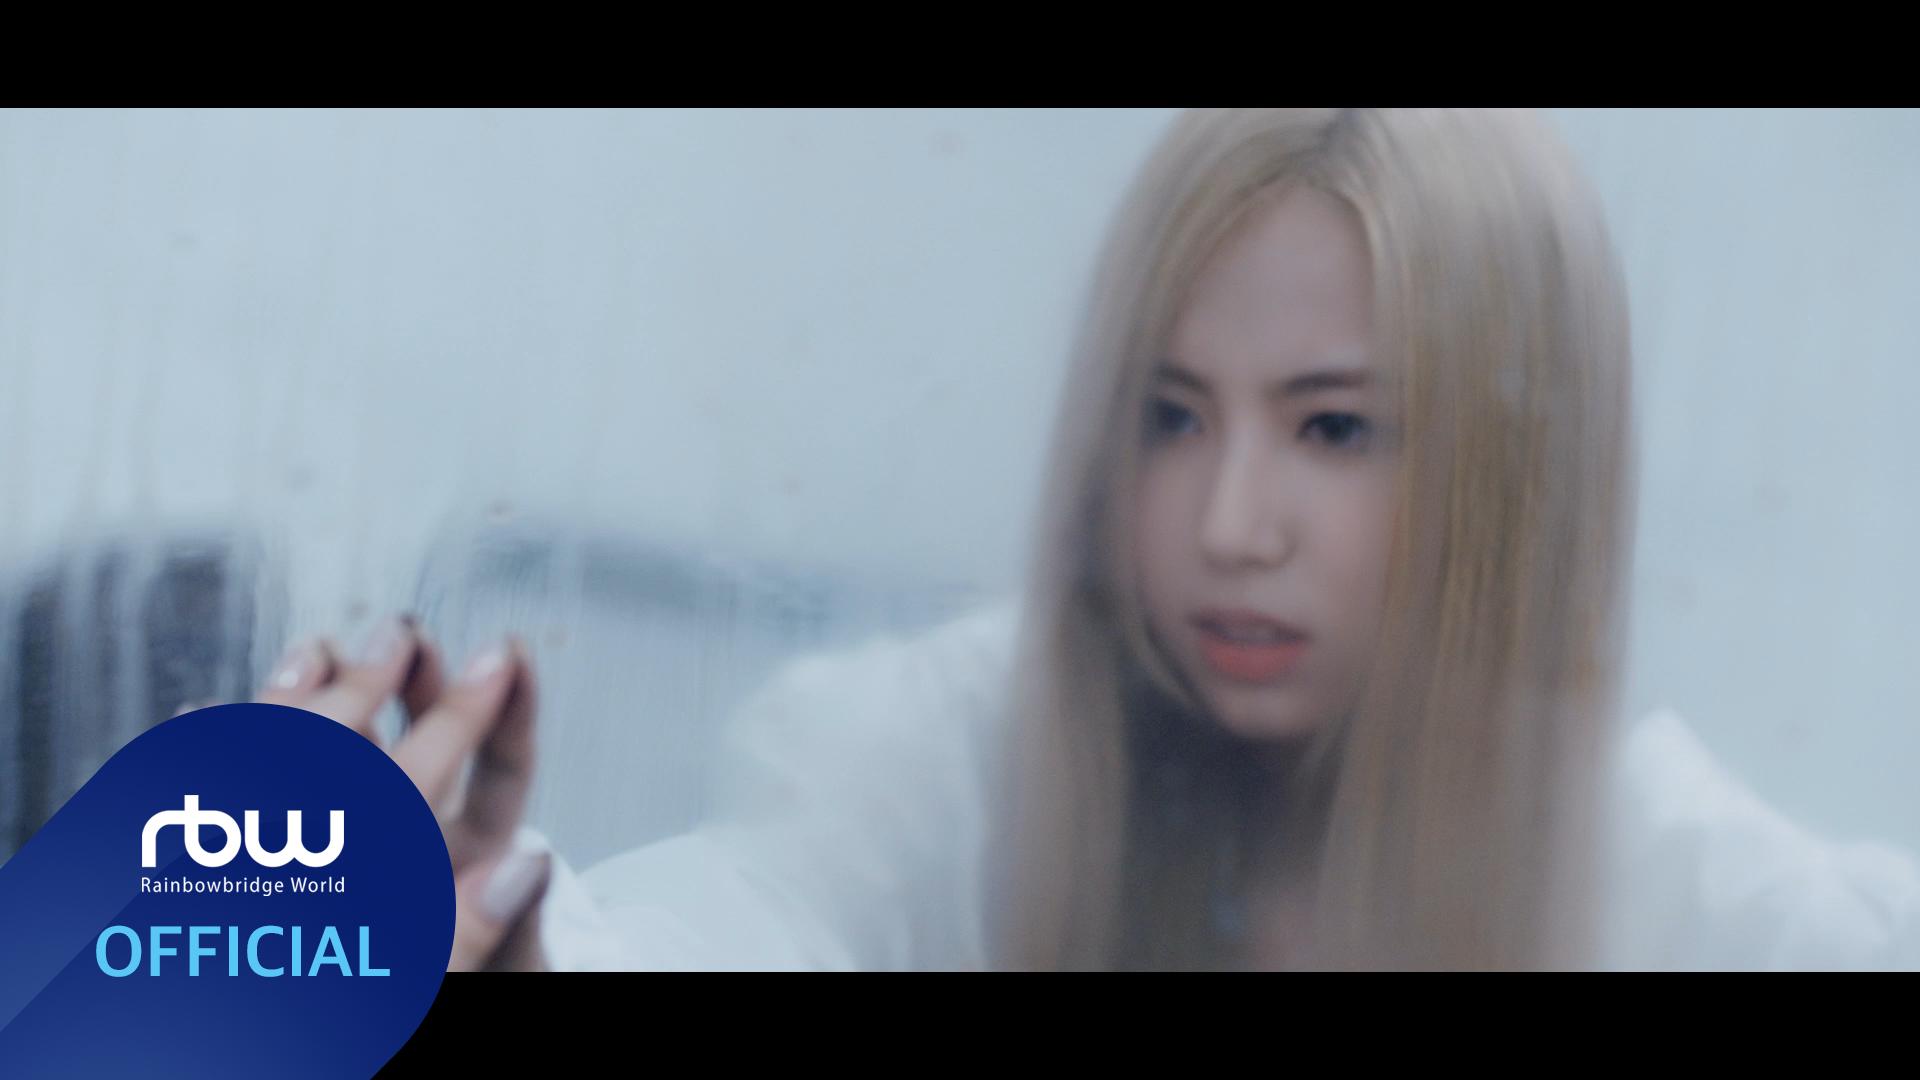 퍼플키스(PURPLE K!SS) Debut Trailer : Can't Stop Dreamin' - 이레(Ireh)